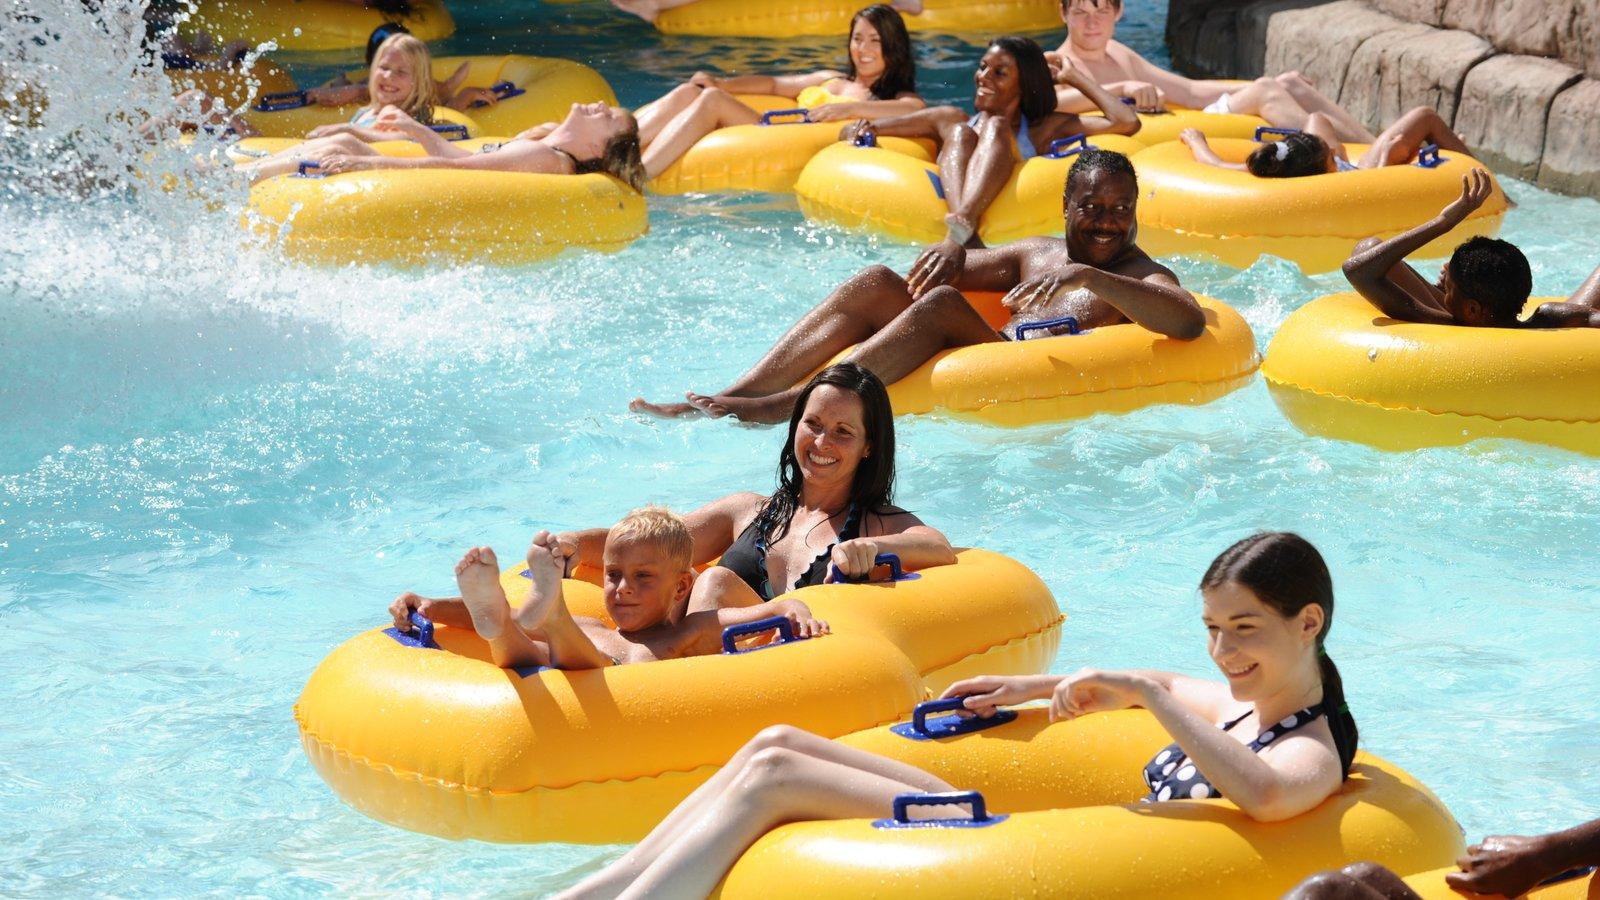 Elitch Gardens Theme Park caracterizando um parque aquático, uma piscina e passeios